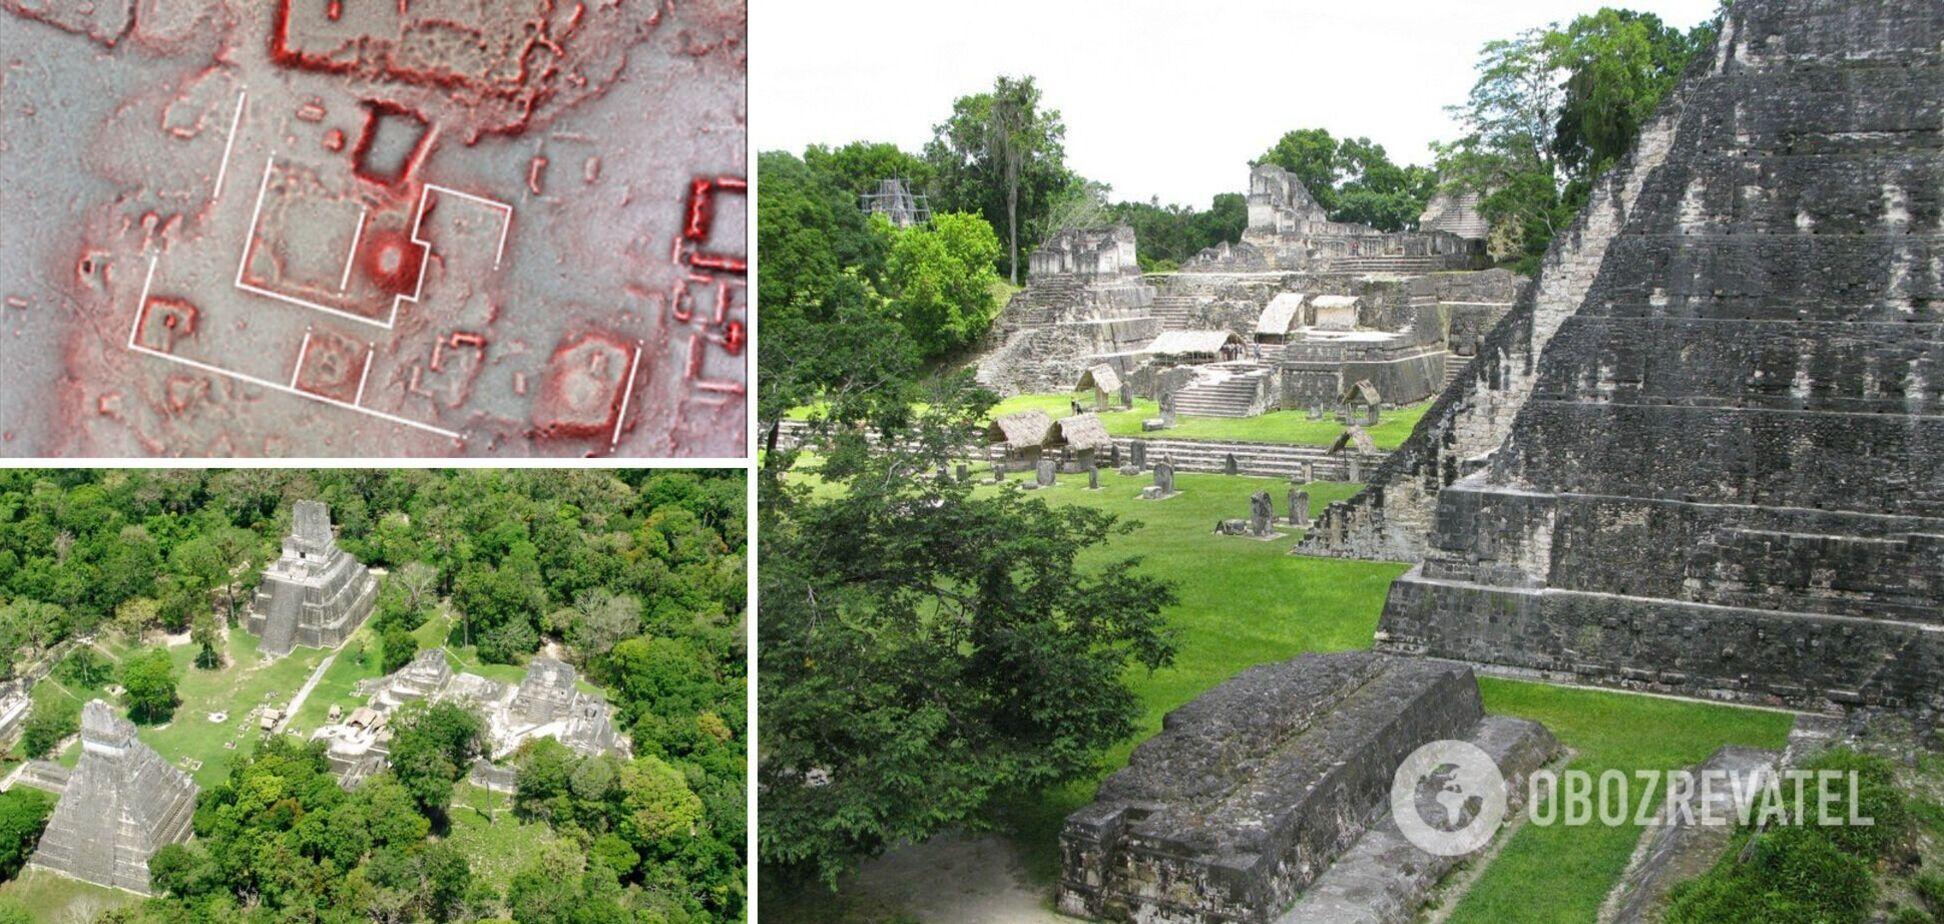 Вчені виявили раніше невідому частину стародавнього міста мая. Фото